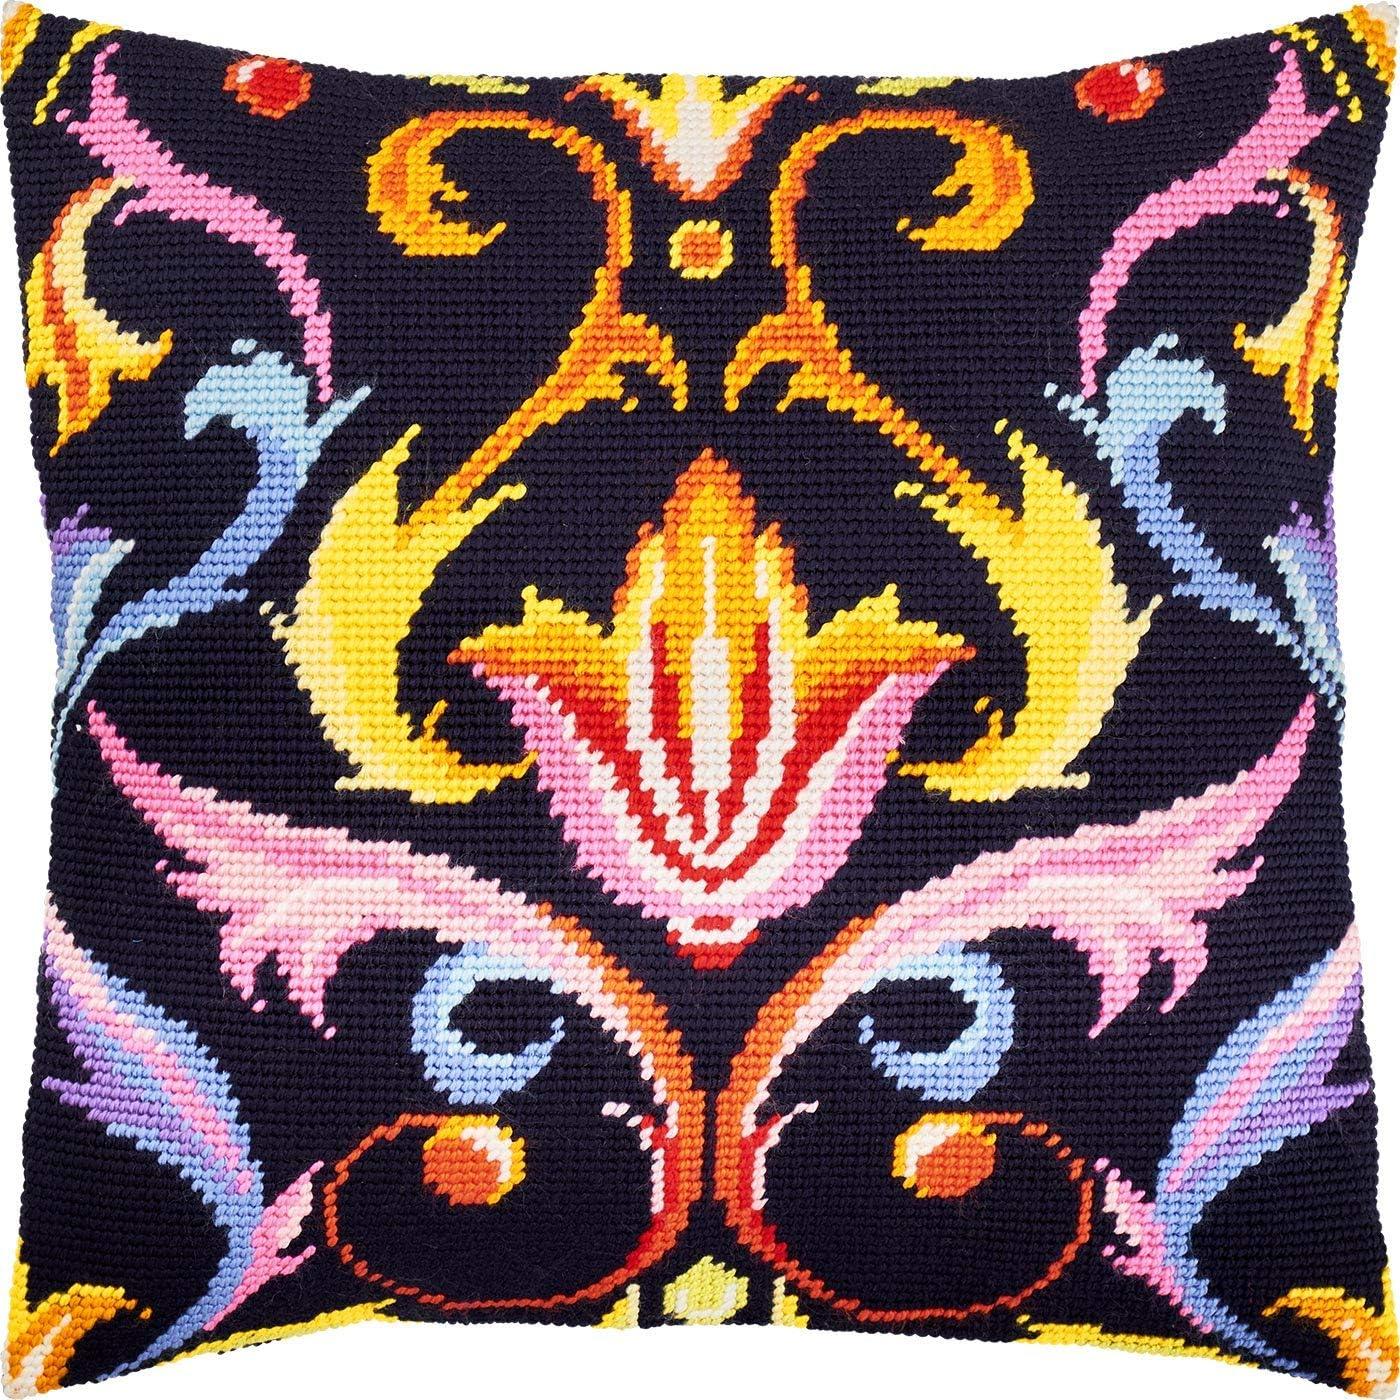 Sunset Needlepoint Kit Throw Pillow 1616 Inches European Quality ...